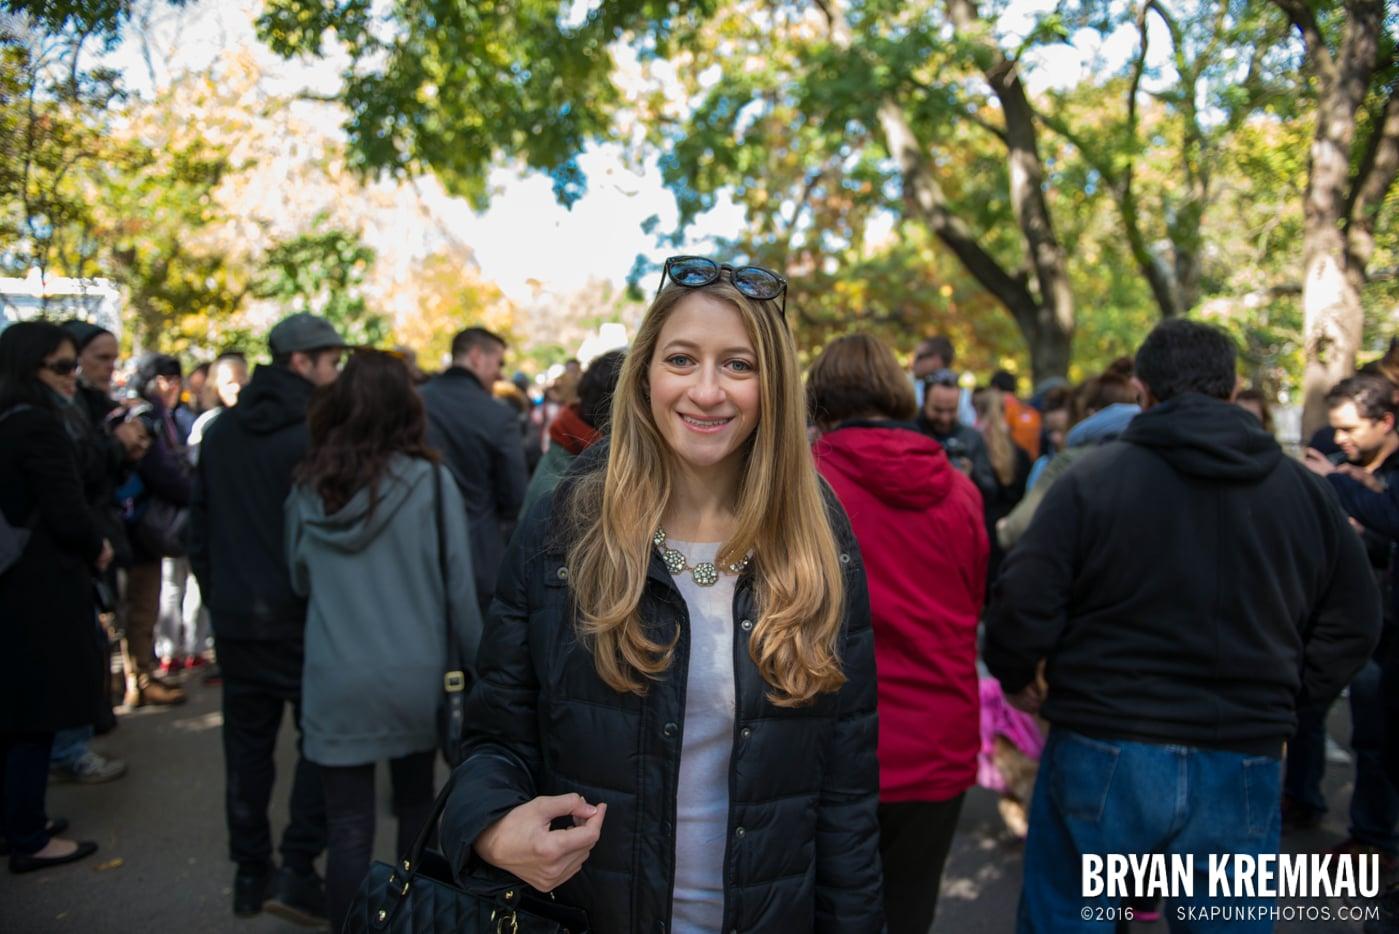 Tompkins Square Halloween Dog Parade 2013 @ Tompkins Square Park, NYC - 10.26.13 (29)